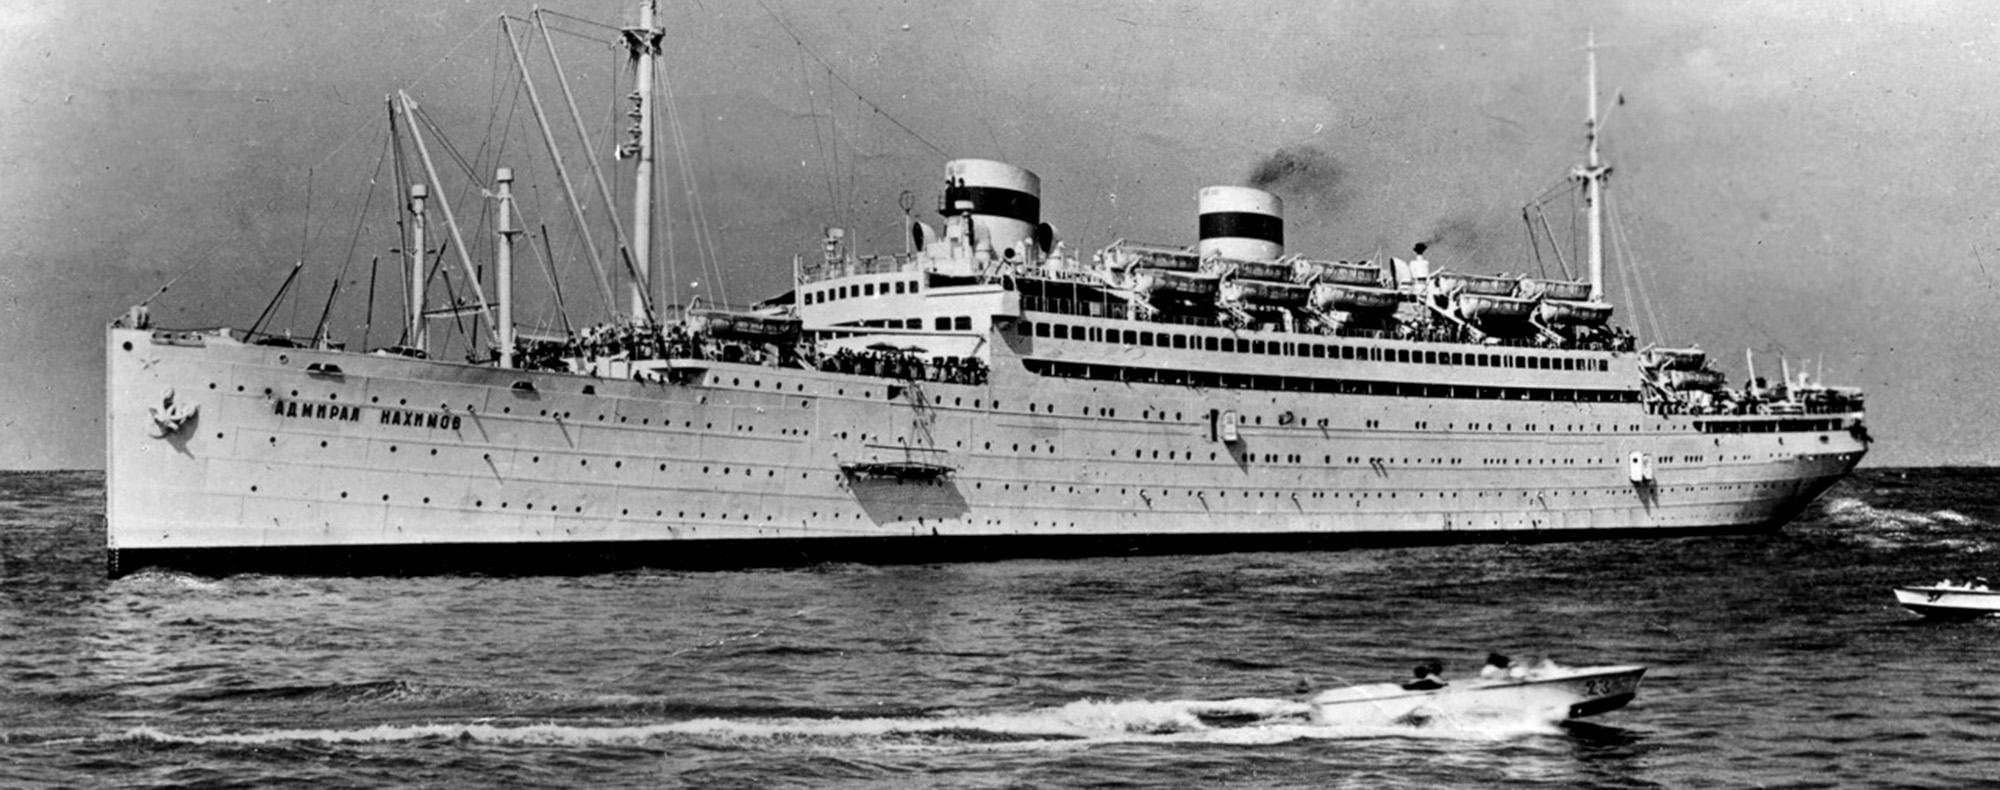 «Адмирал Нахимов» - загадки крупнейшей морской катастрофы позднего СССР